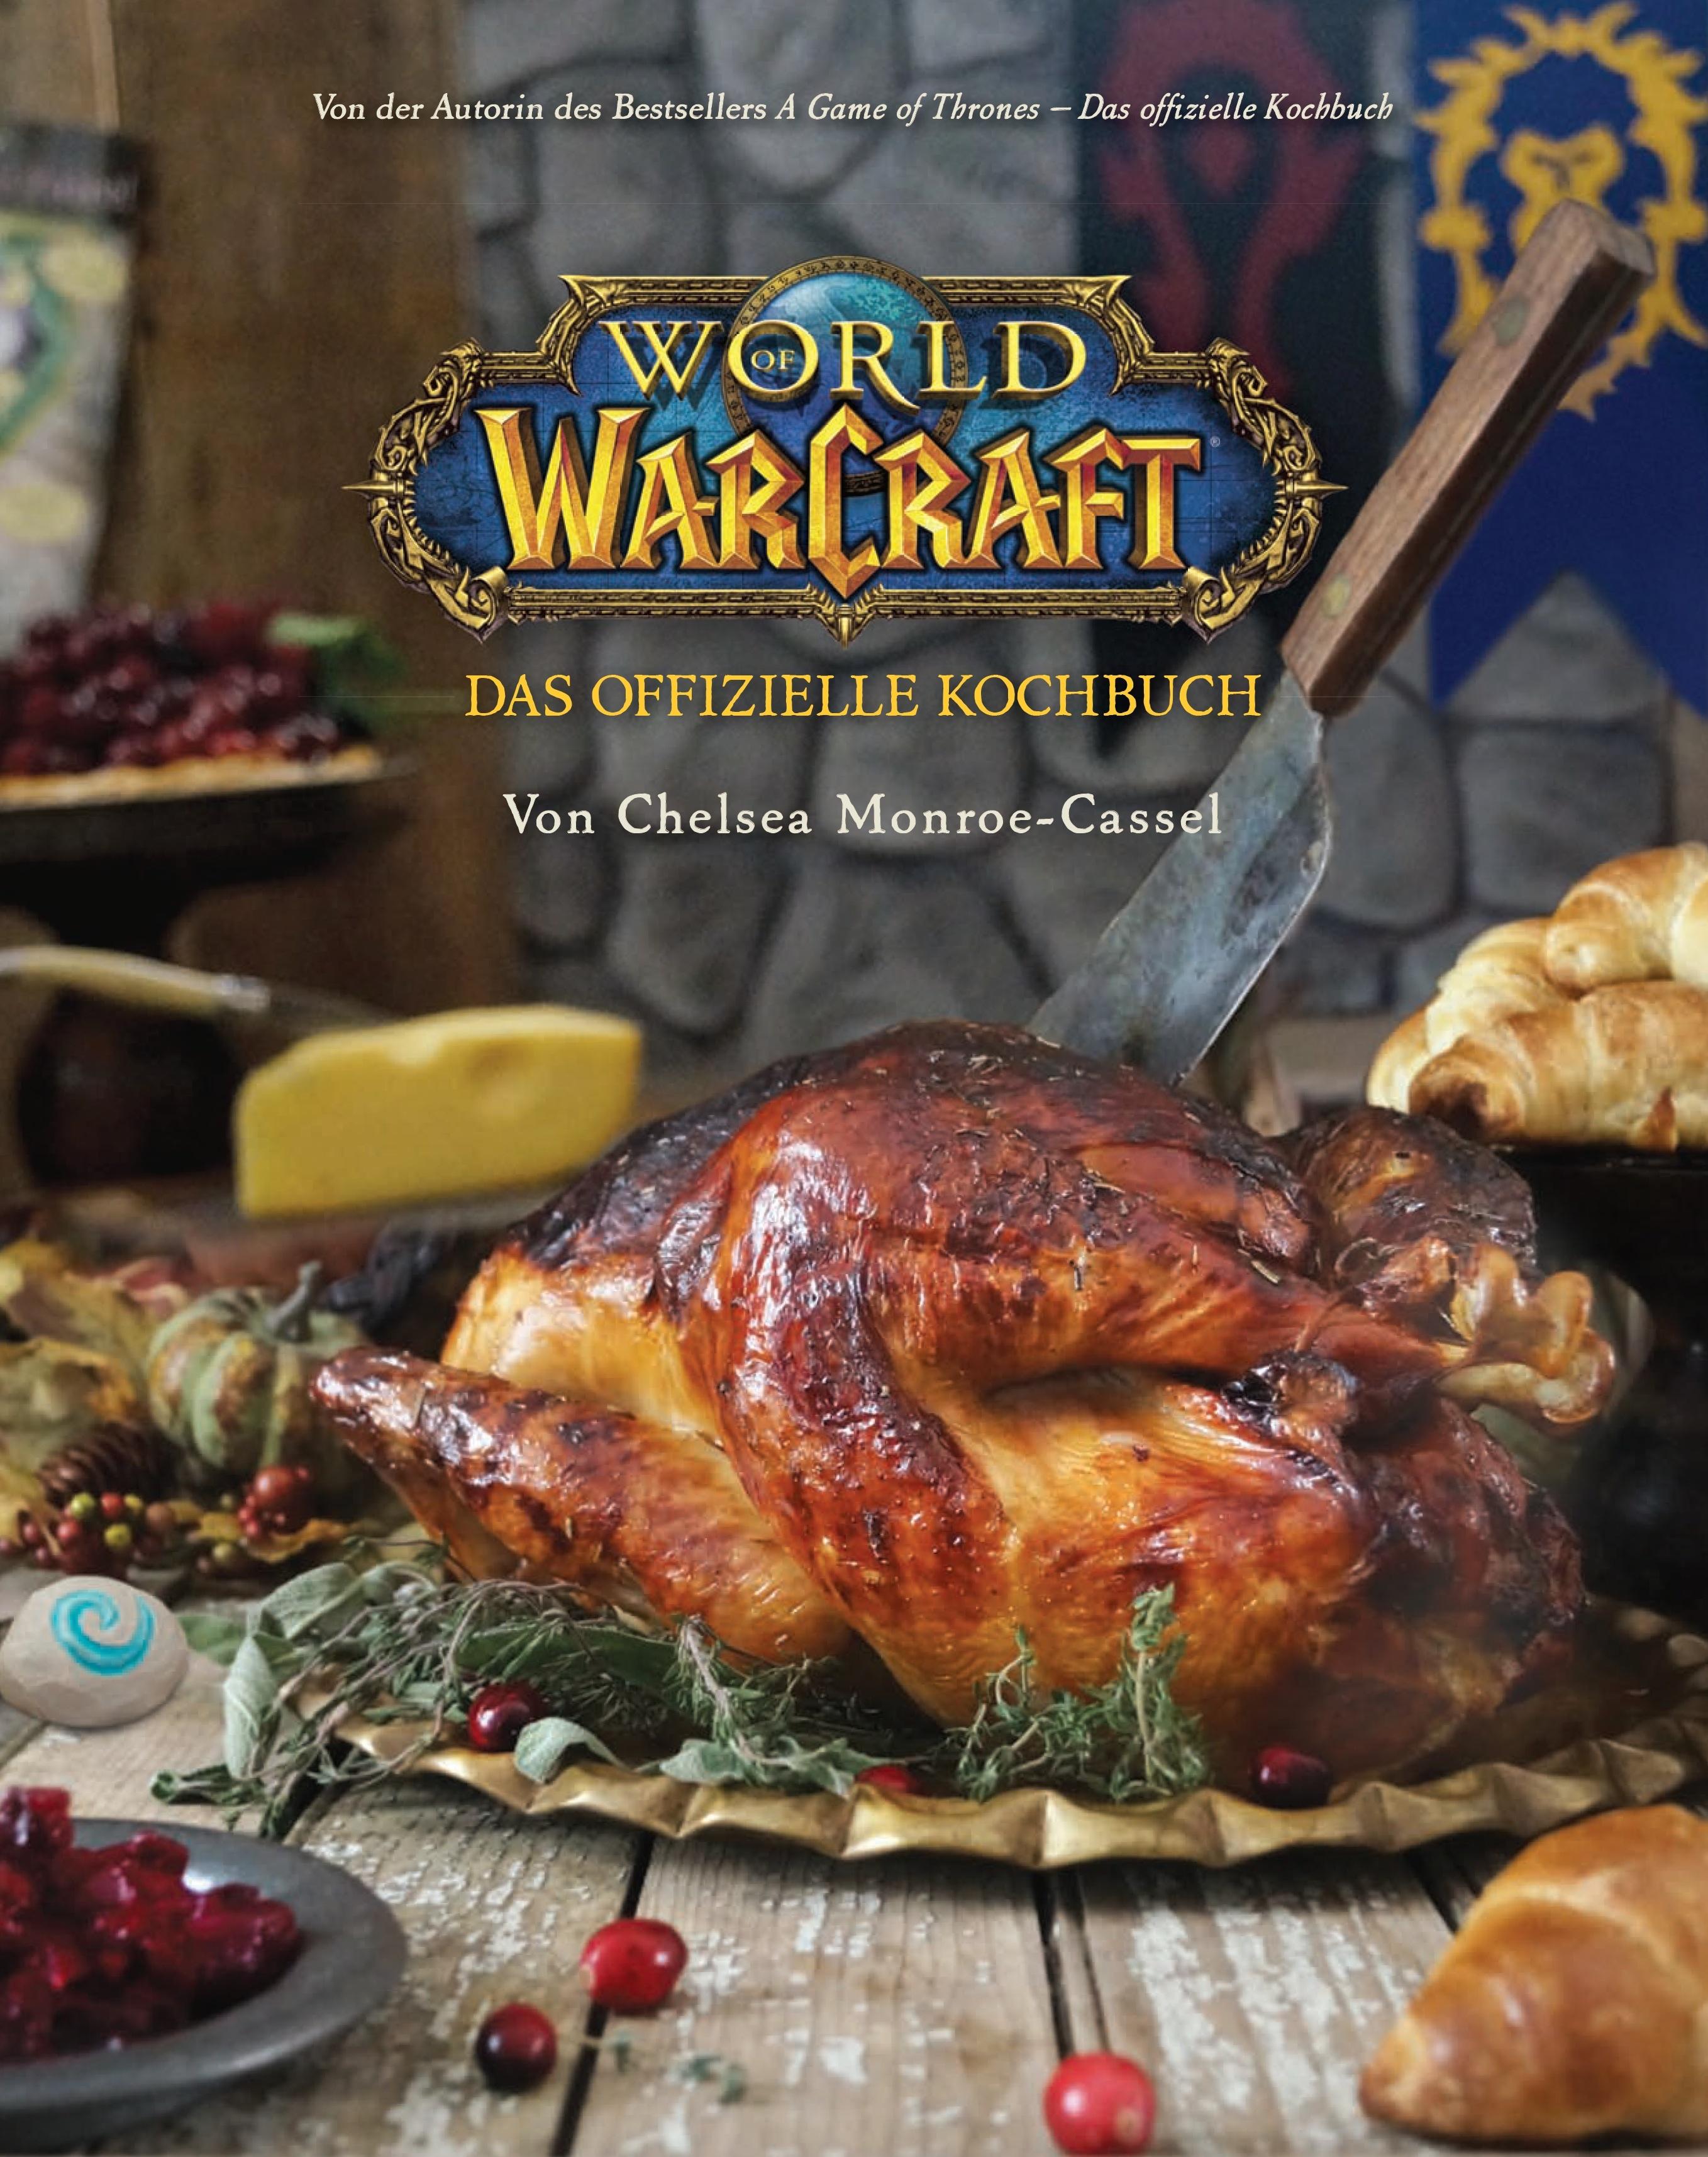 Kochen nach Azeroth-Art mit dem offiziellen World of ...